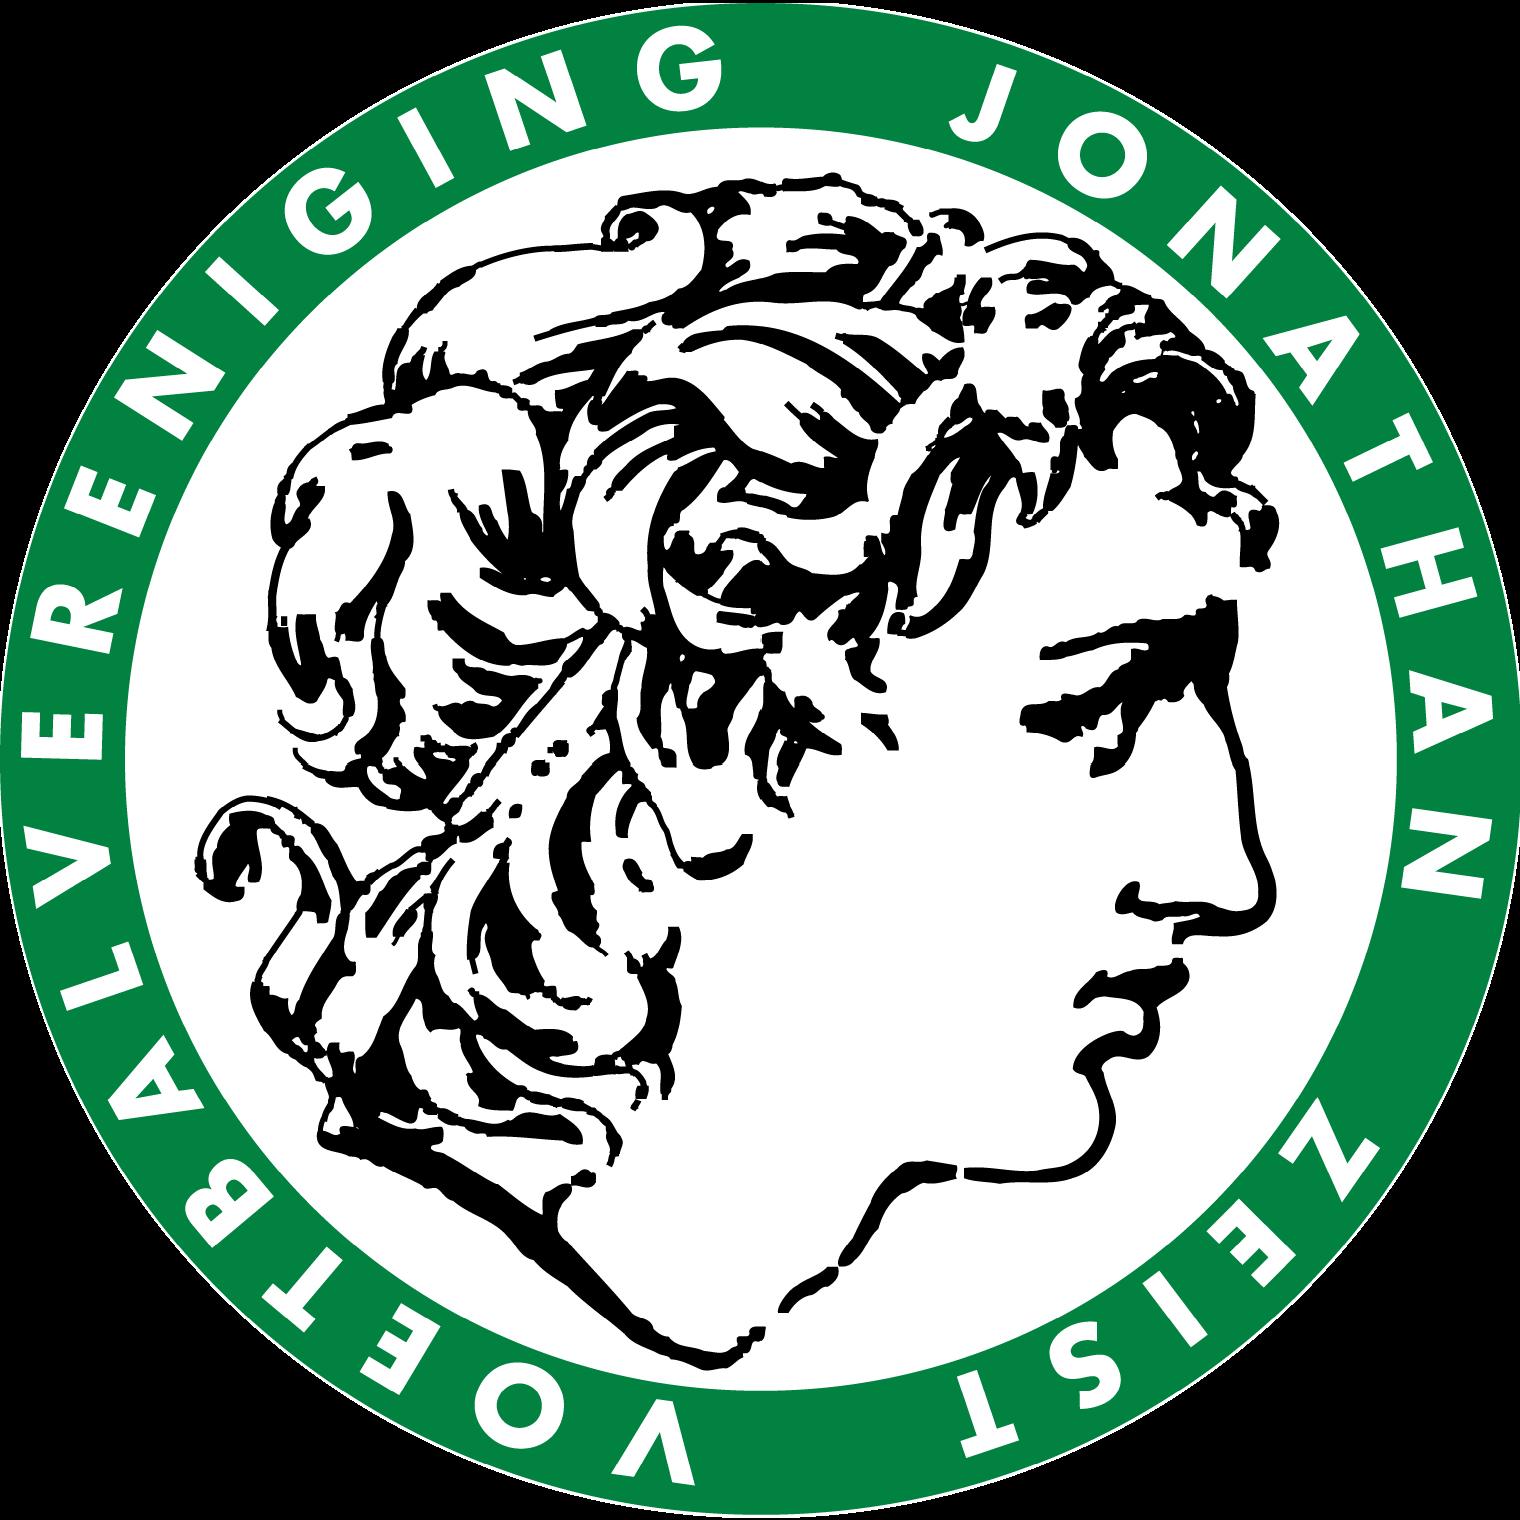 De algemene ledenvergadering van maandag 24 september as. wordt uitgesteld.